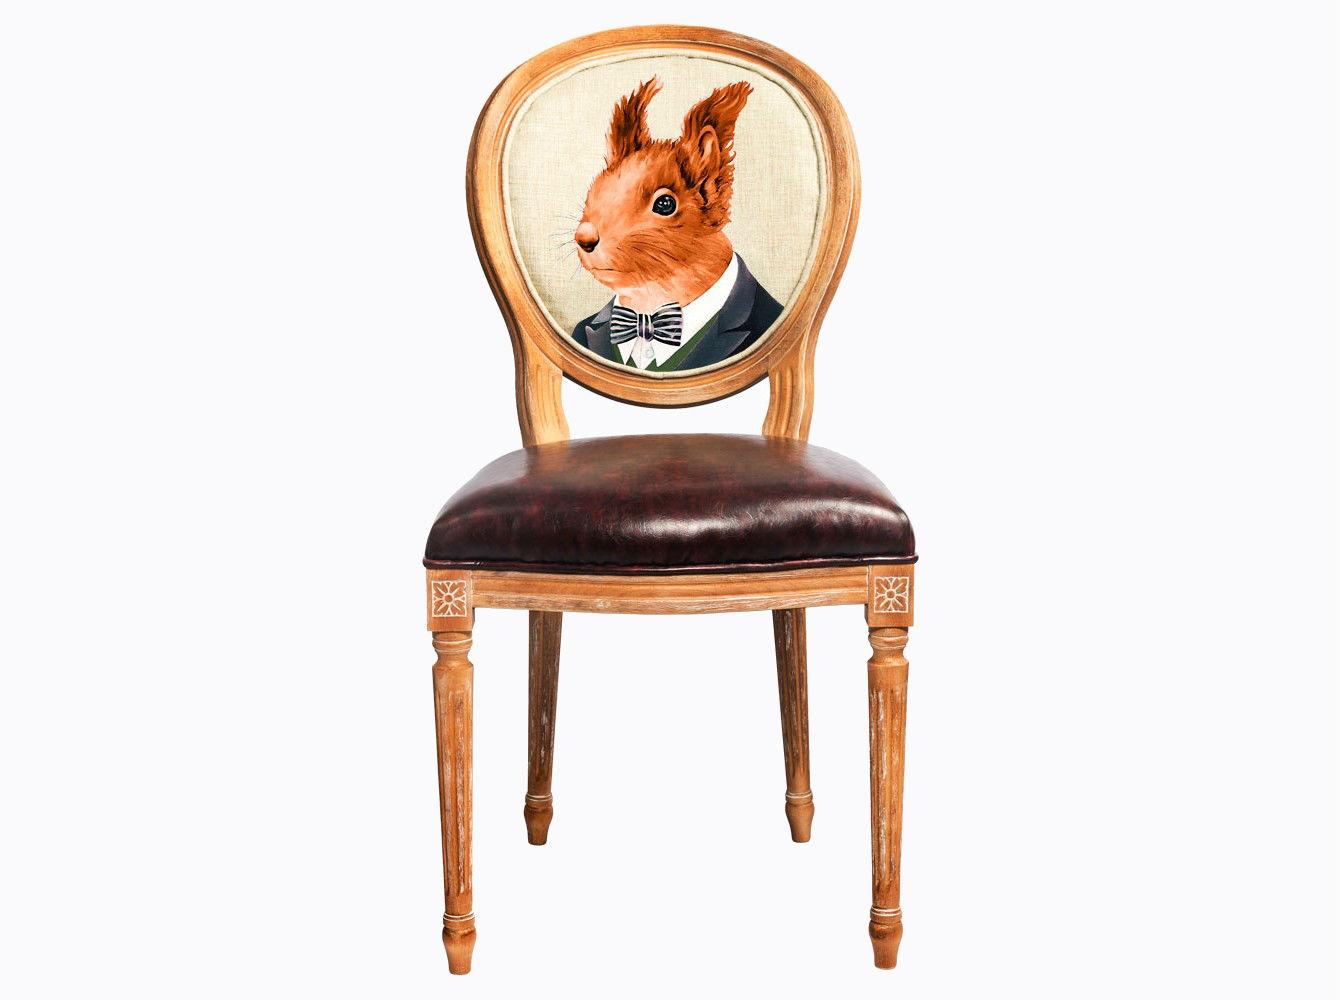 Стул «Мистер Золотой Орех»Обеденные стулья<br>&amp;lt;div&amp;gt;Смелые контрасты - эффектный прием любого интерьера, ценящего стиль и индивидуальность. Пример тому - экстравагантный стул &amp;quot;Мистер Золотой Орех&amp;quot;, в котором блестящее шоколадное сиденье объединилось со светло-бежевой льняной спинкой, а королевский силуэт эпохи Луи-Филиппа - с рисунком в жанре современного фэнтези.&amp;amp;nbsp;&amp;lt;/div&amp;gt;&amp;lt;div&amp;gt;Выбирая дизайн, не сомневайтесь в комфорте и прочности. Искусное патинирование - не только дань винтажной моде, но и справедливый намек на исключительную долговечность мебели из натурального бука.&amp;amp;nbsp;&amp;lt;/div&amp;gt;&amp;lt;div&amp;gt;Стул &amp;quot;Мистер Золотой Орех&amp;quot; - универсальное, но отборное решение гостиной, столовой, спальни, кабинета, холла и детской комнаты.&amp;amp;nbsp;&amp;lt;/div&amp;gt;&amp;lt;div&amp;gt;&amp;lt;br&amp;gt;&amp;lt;/div&amp;gt;&amp;lt;div&amp;gt;Корпус стула изготовлен из натурального бука.&amp;amp;nbsp;&amp;lt;/div&amp;gt;&amp;lt;div&amp;gt;Материал: бук, экокожа, лен, хлопок&amp;lt;/div&amp;gt;&amp;lt;div&amp;gt;&amp;lt;br&amp;gt;&amp;lt;/div&amp;gt;<br>&amp;lt;iframe width=&amp;quot;530&amp;quot; height=&amp;quot;315&amp;quot; src=&amp;quot;https://www.youtube.com/embed/3vitXSFtUrE&amp;quot; frameborder=&amp;quot;0&amp;quot; allowfullscreen=&amp;quot;&amp;quot;&amp;gt;&amp;lt;/iframe&amp;gt;<br><br>Material: Дерево<br>Width см: 47<br>Depth см: 50<br>Height см: 98